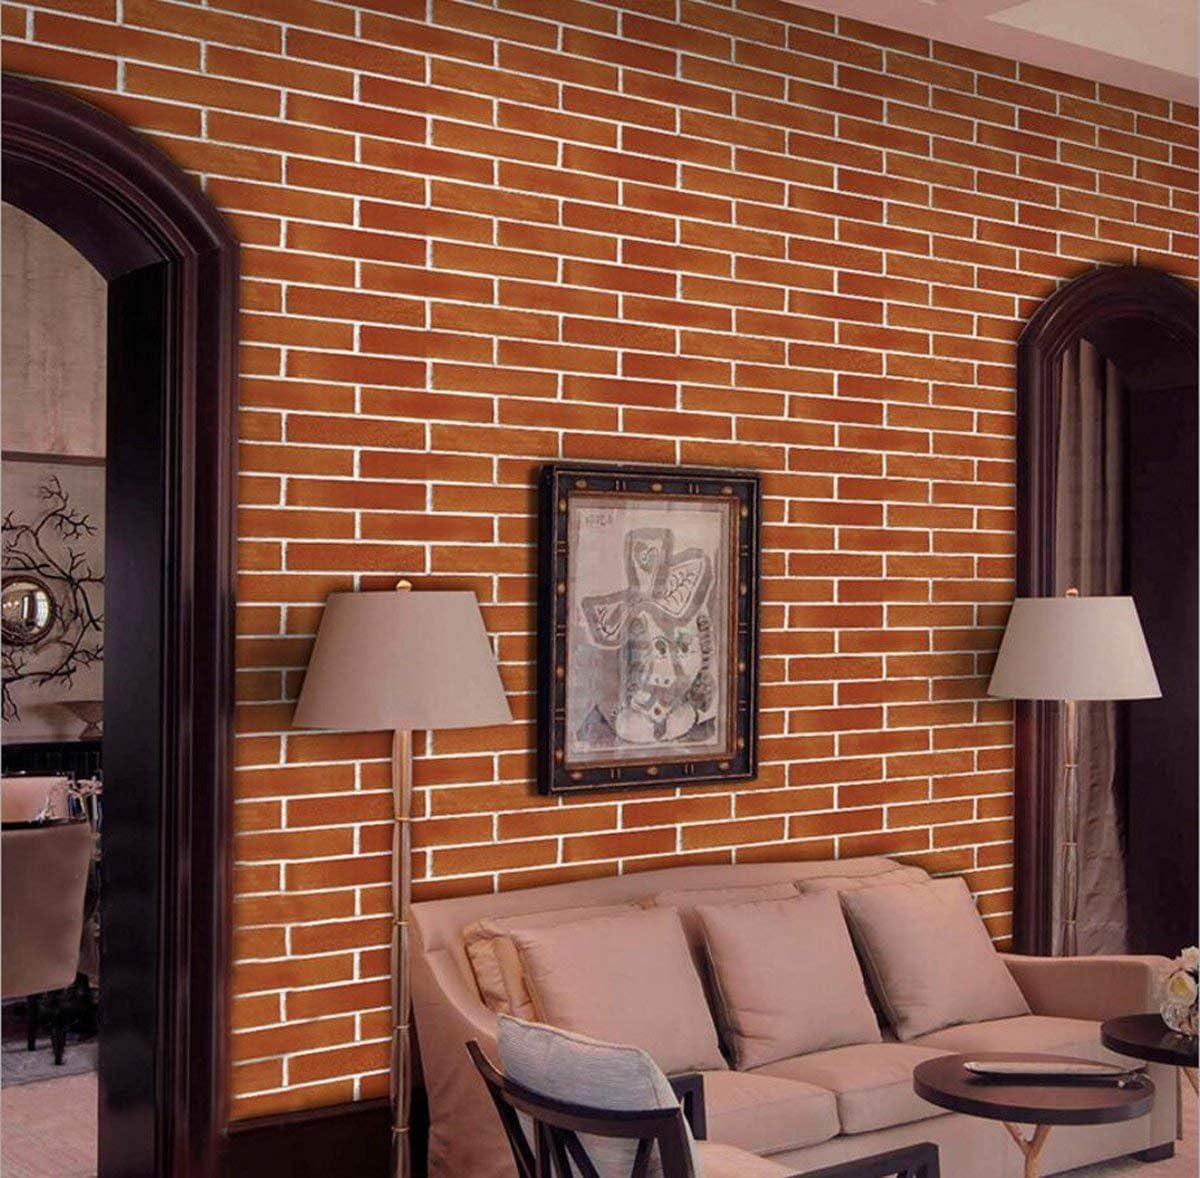 500cm FENTIS Papier Peint Adh/ésif Auto-Collant D/écoratif Wallpaper Sticker Repositionnable Rouge Brique D/écoration Maison Salon Cuisine Panneau DIY Mousse Imperm/éable Moderne 45